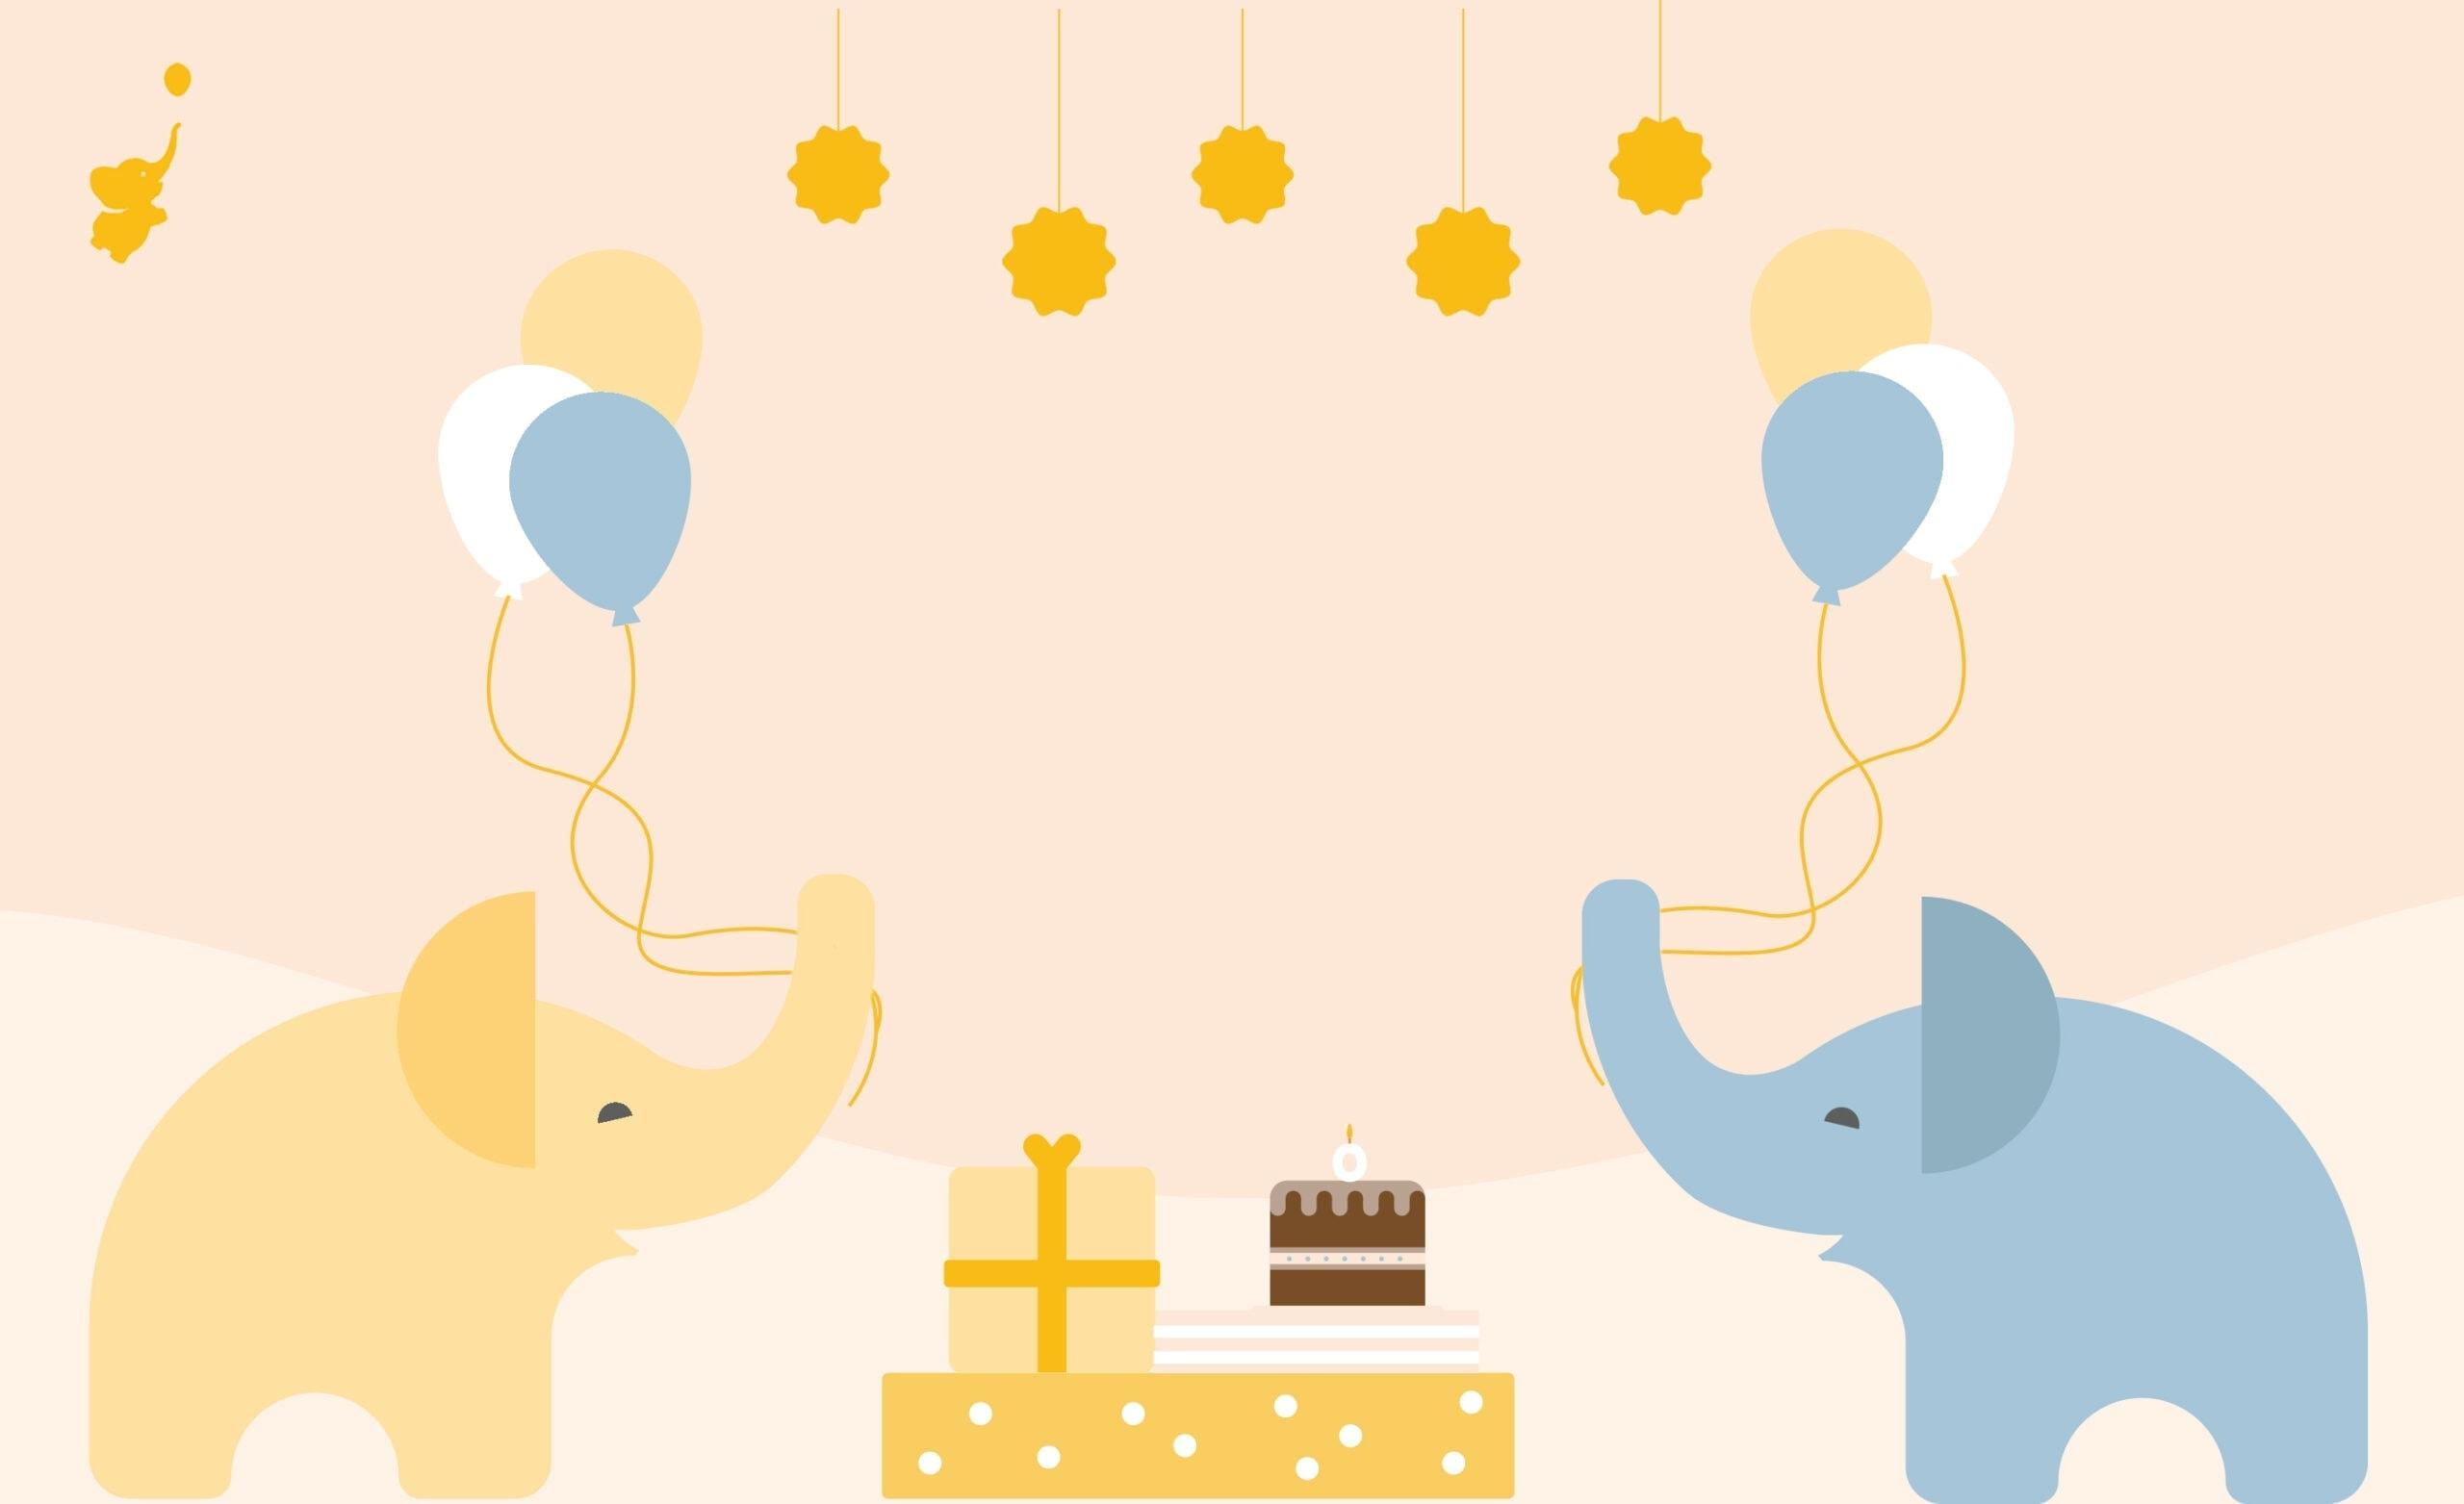 webbabyshower header image yellow elephant and blue elephant holding balloons